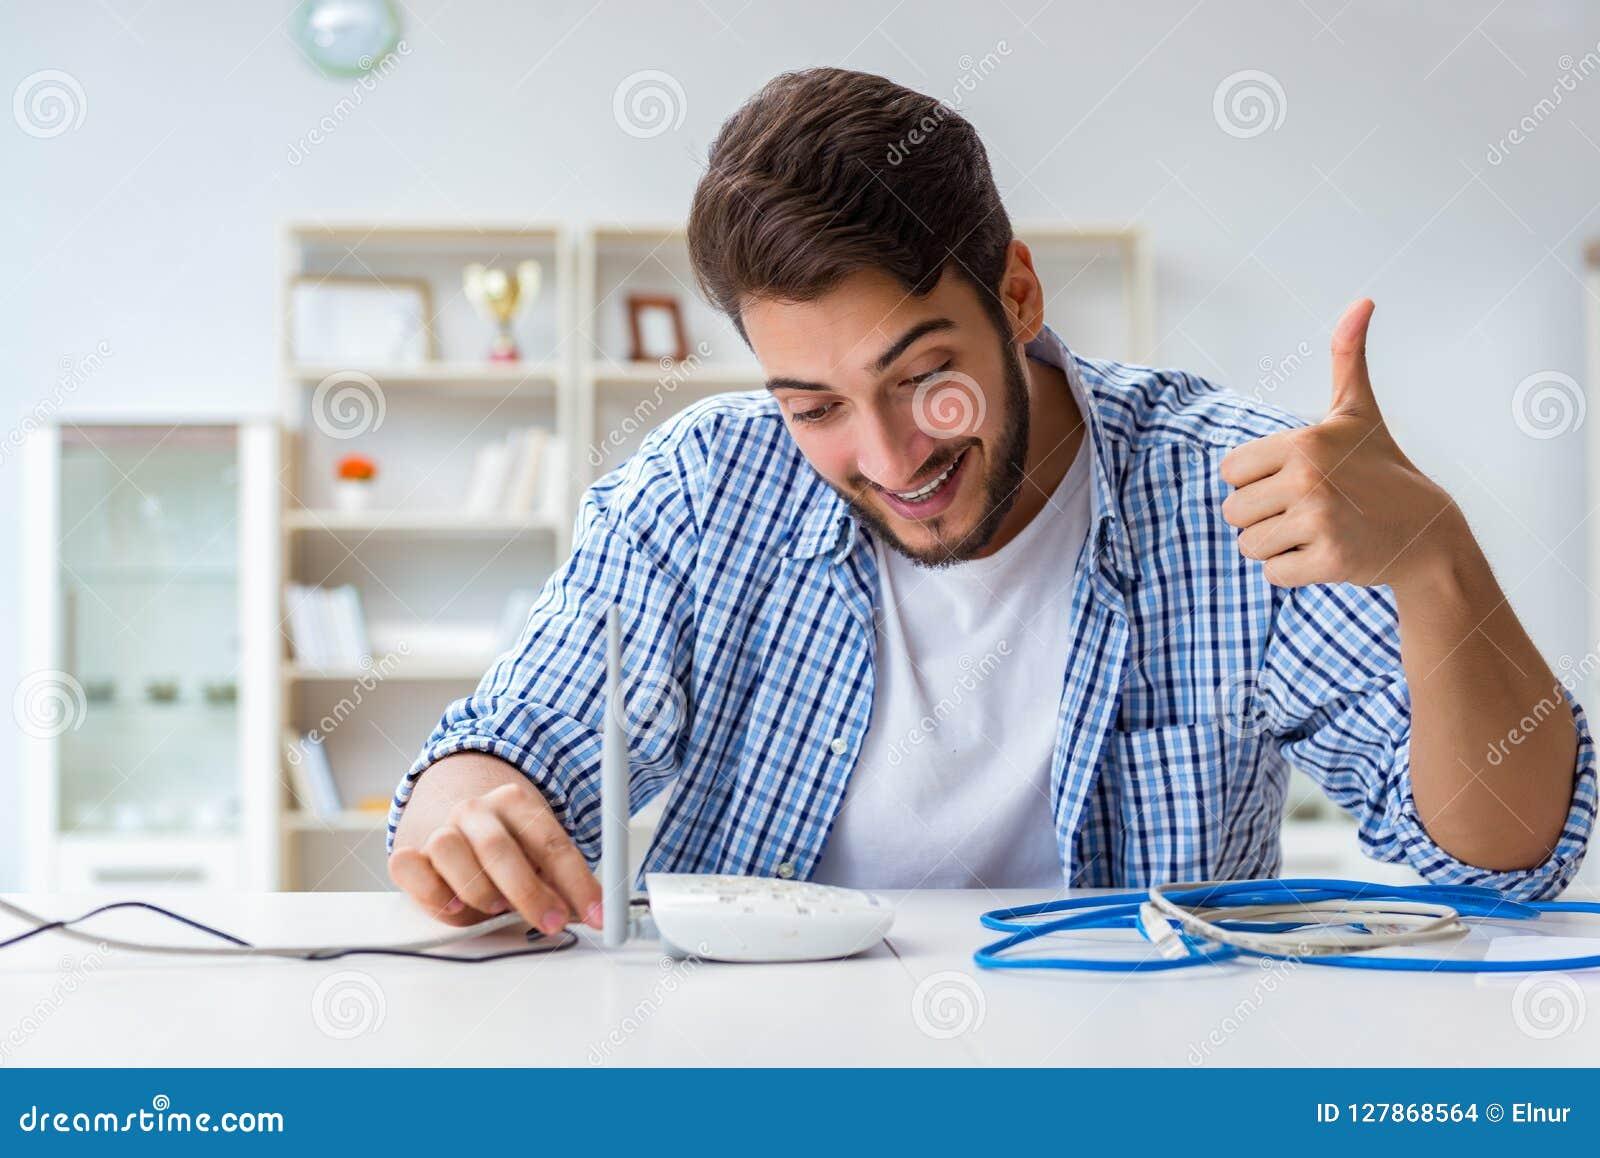 De man die van snelle Internet-verbinding genieten